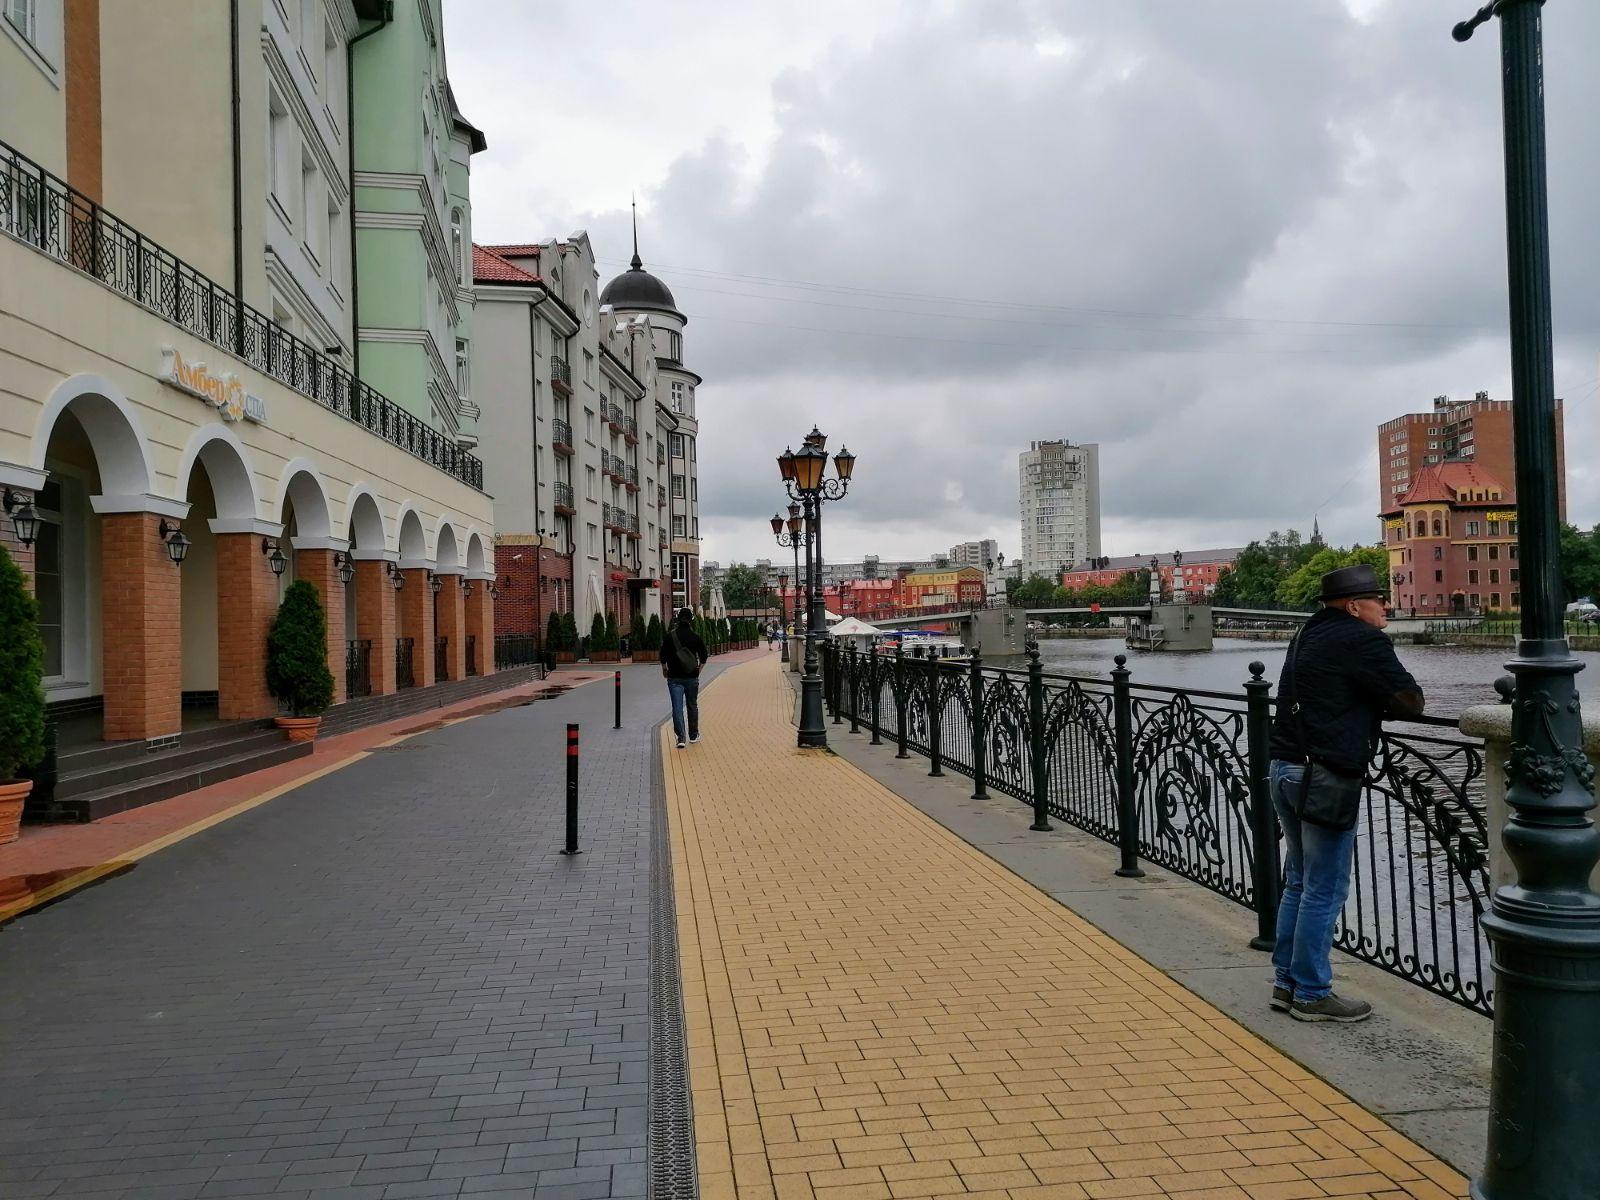 Anksčiau Kaliningrade esančioje Žvejų gatvėje vykdavo ne tik aktyvi žvejyba, bet ir prekyba – šis kvartalas sutraukdavo daugybę vietinių, atvykusių įsigyti jūros gėrybių. / I. Kriščiūnienės nuotr.